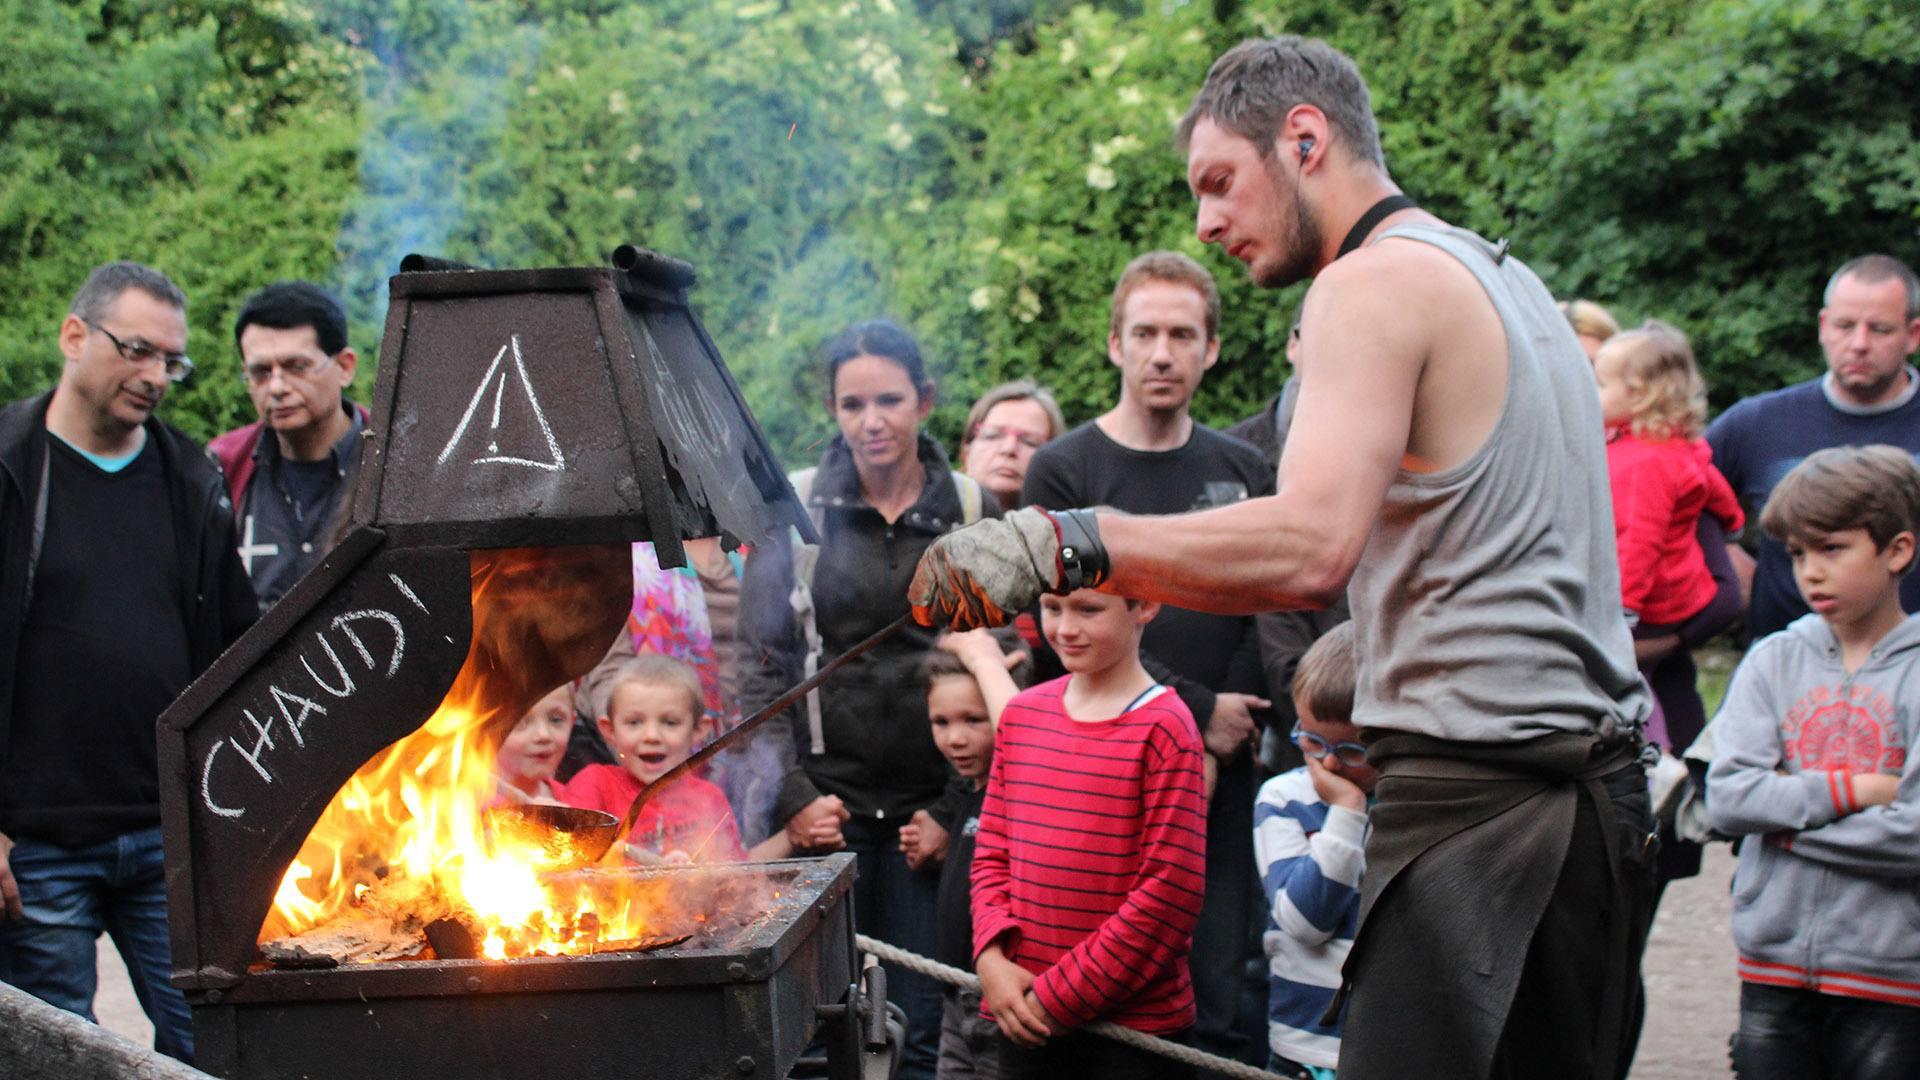 Les arts du feu en majesté à l'Ecomusée d'Alsace - Chaud devant !